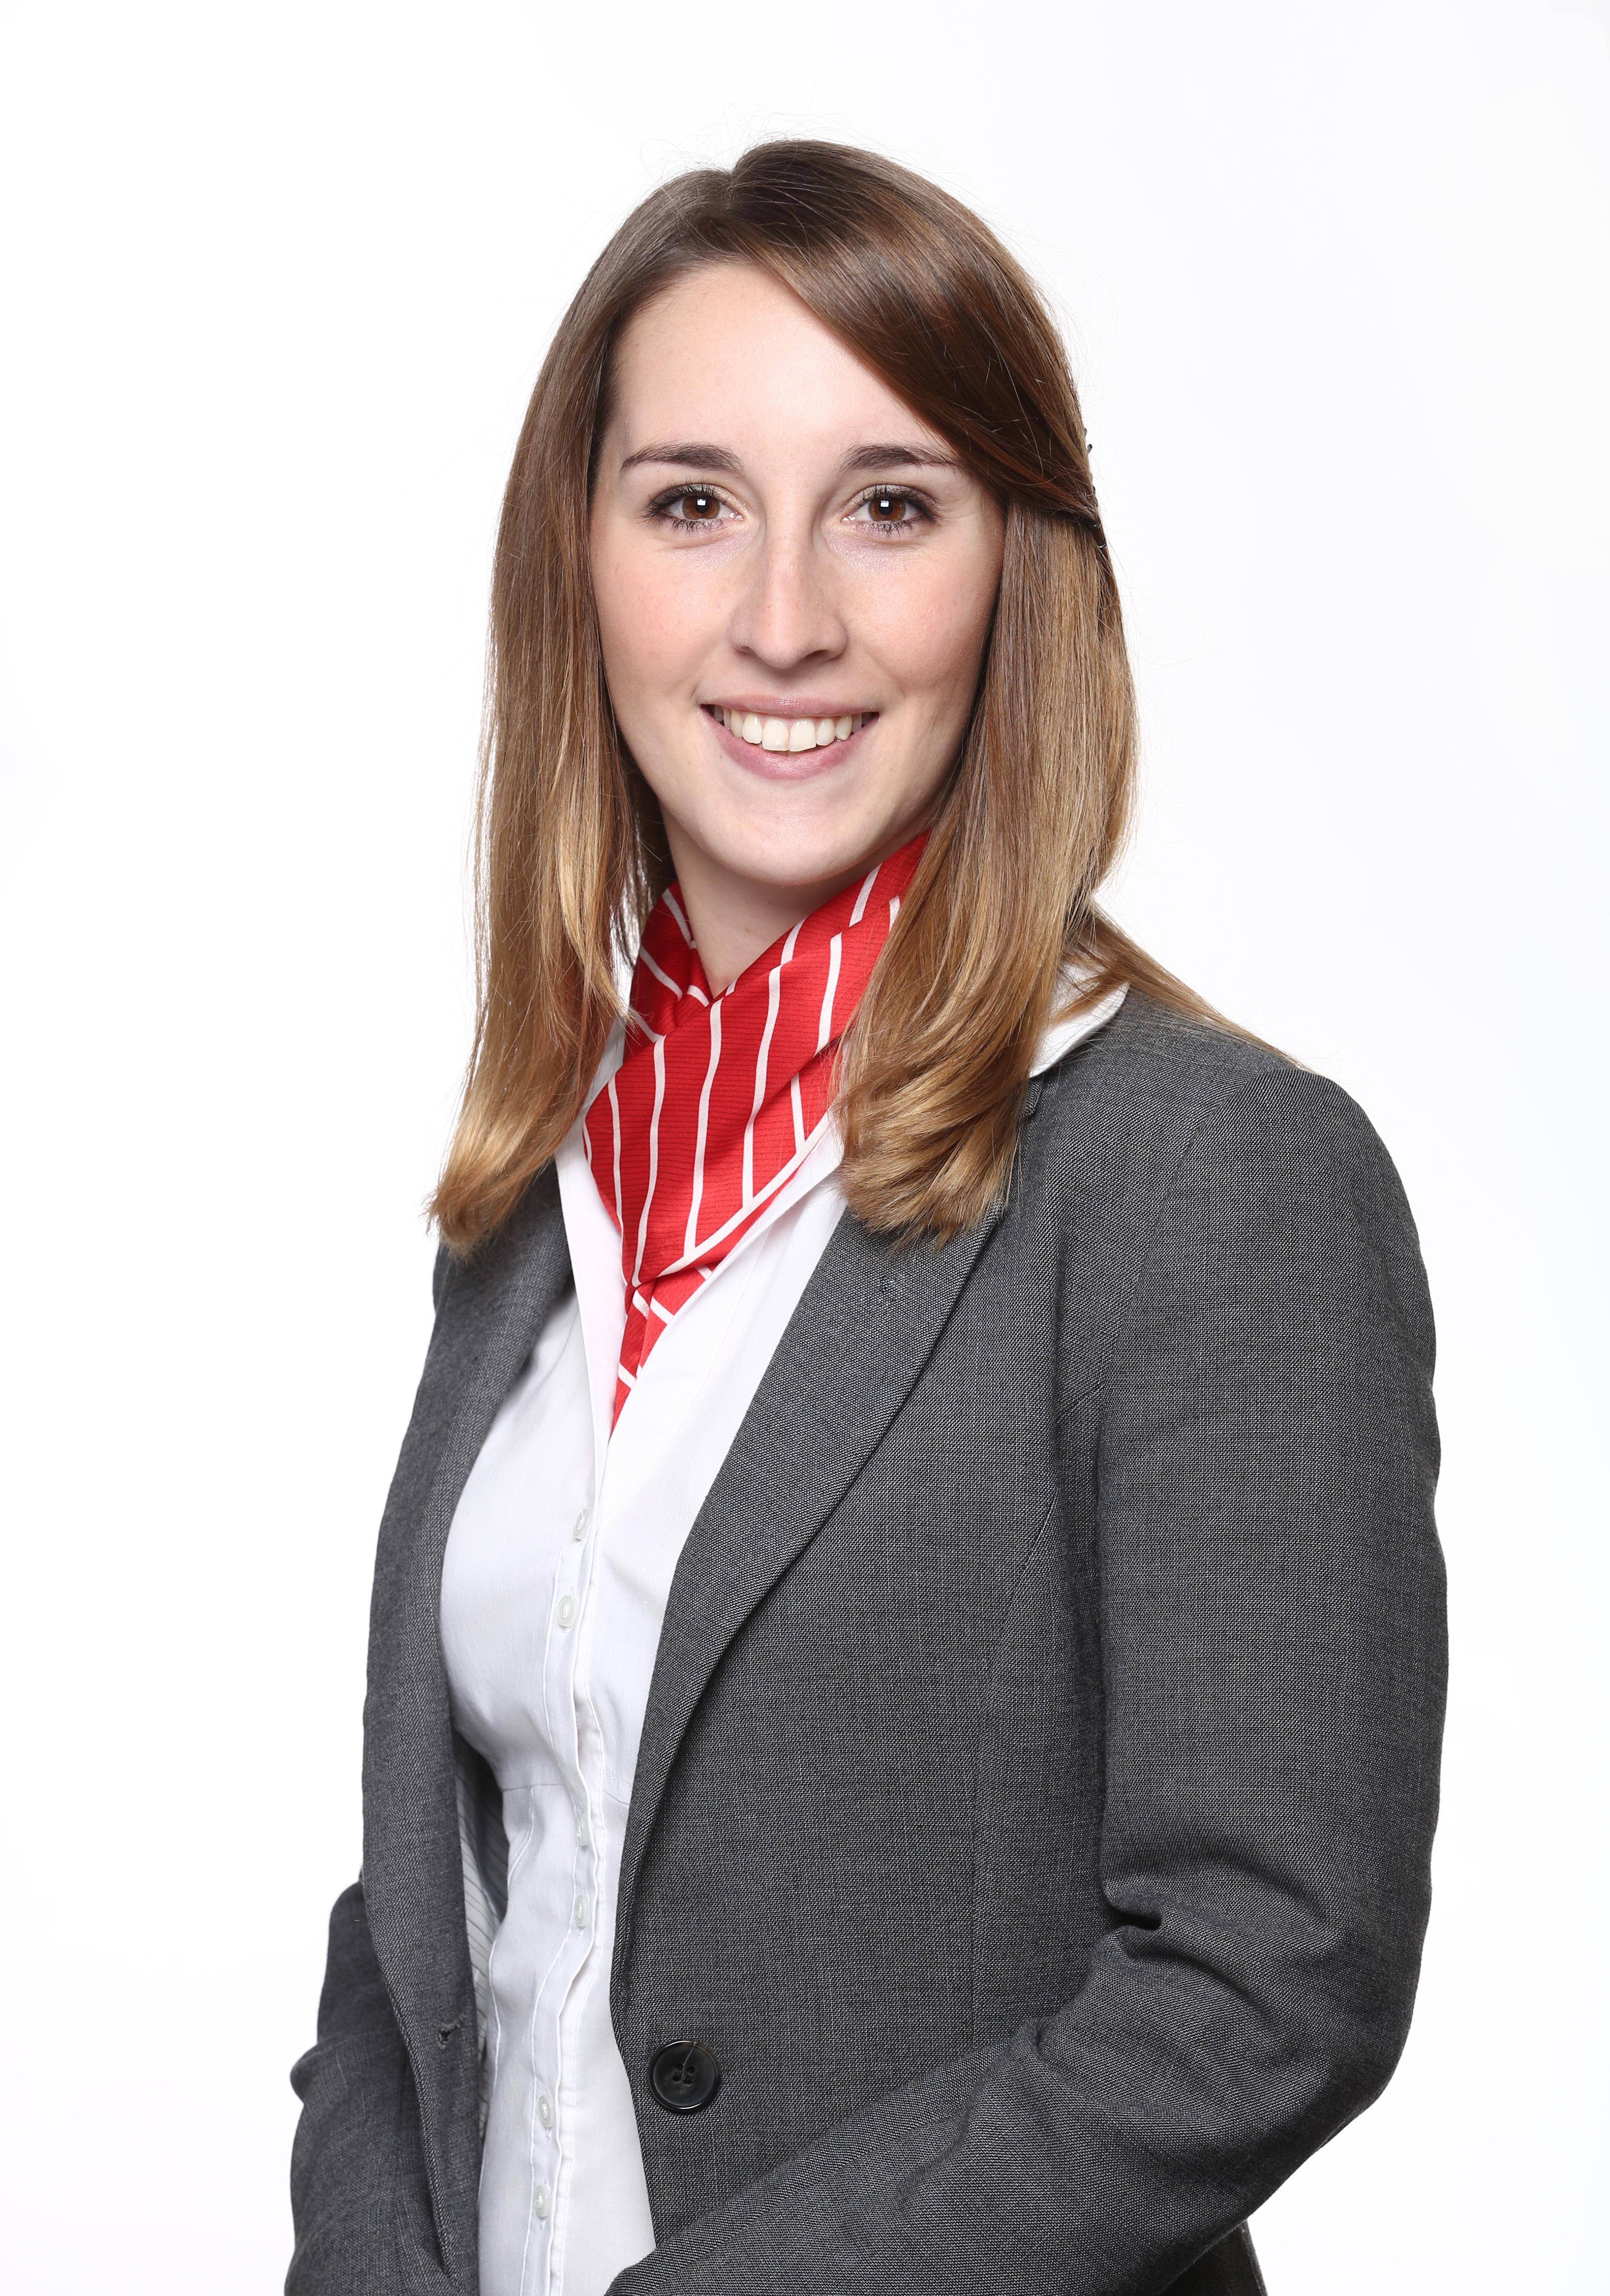 Sonja Scholz